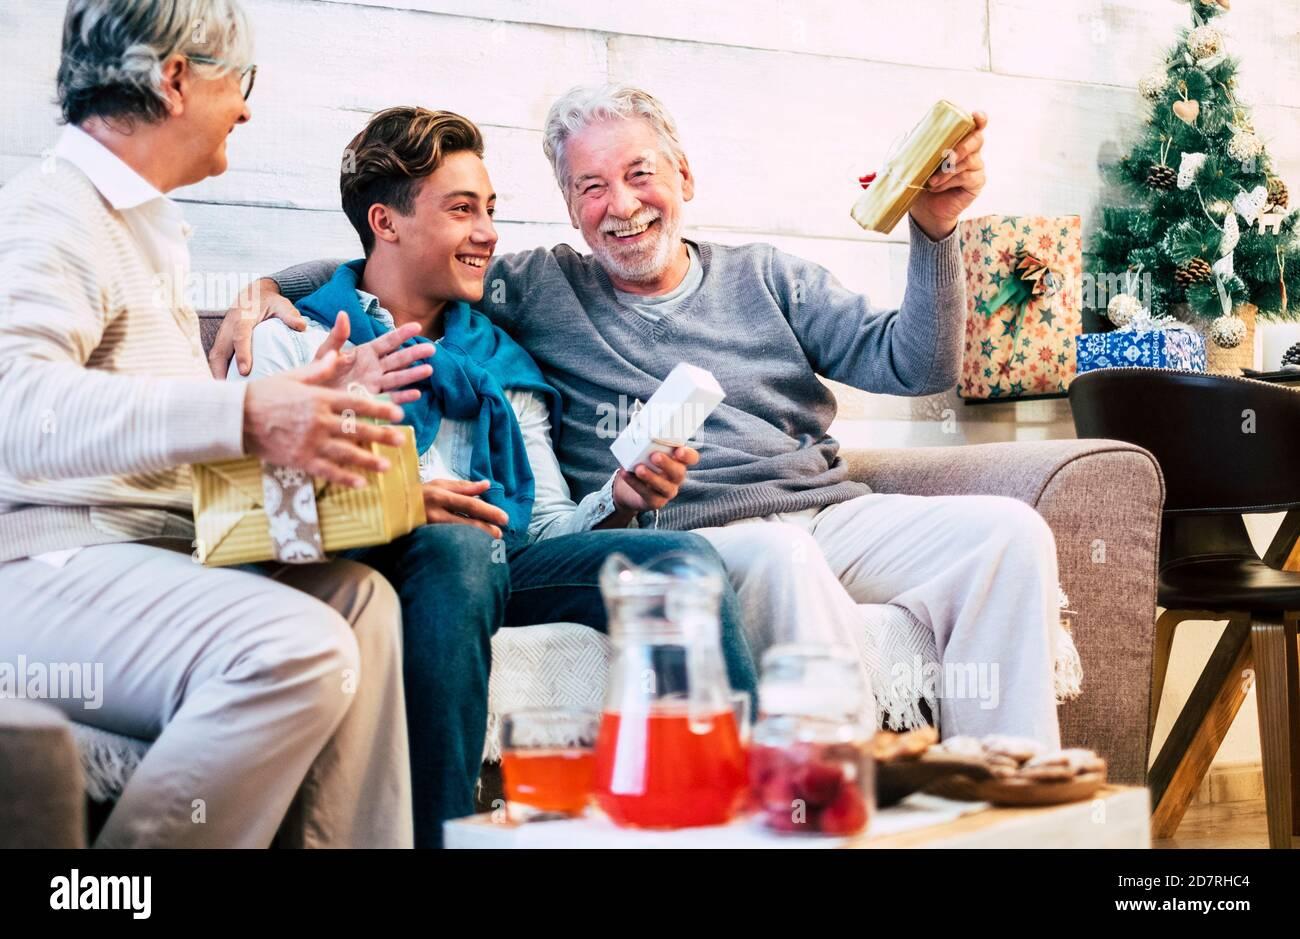 Une famille joyeuse fête ses vacances et la veille de noël ensemble plaisir et partage de cadeaux - jeune garçon avec un aîné les grands-pères s'amusent avec Banque D'Images